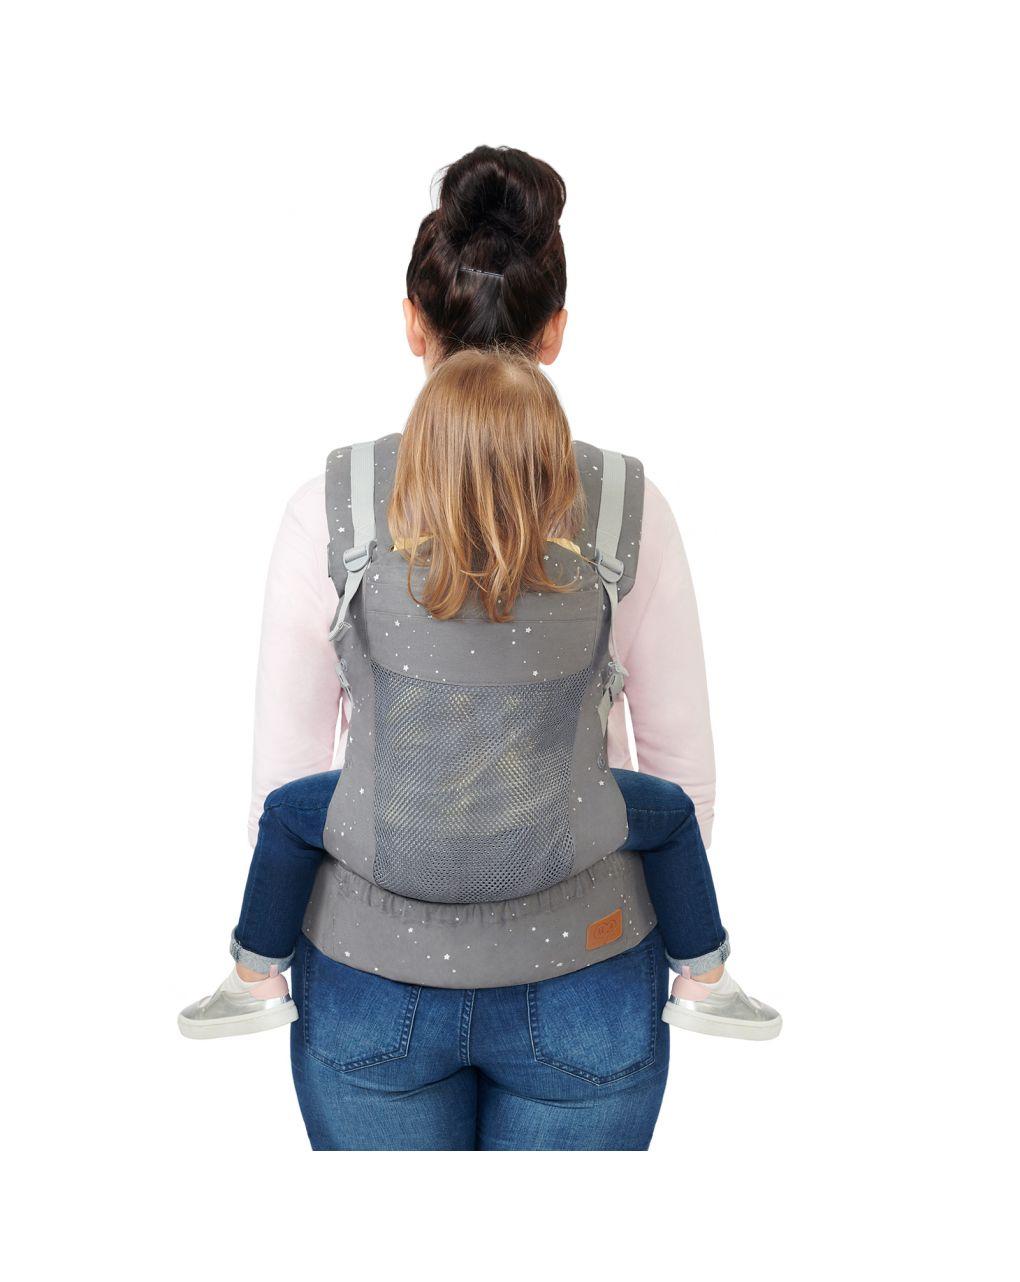 Kinderkraft huggy baby carrier grey - Kinderkraft